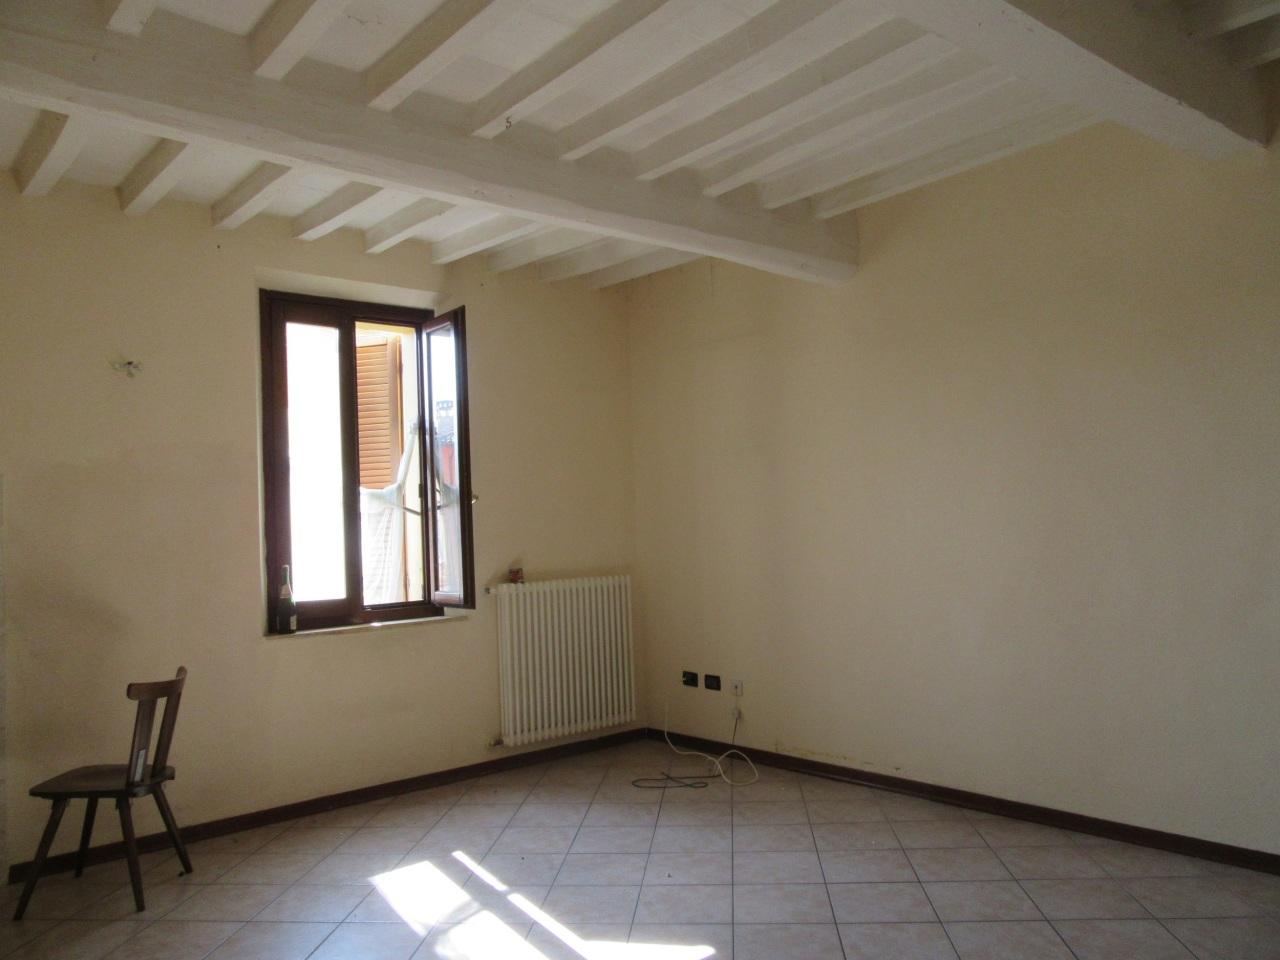 Appartamento in vendita a Medesano, 3 locali, prezzo € 81.500   Cambio Casa.it